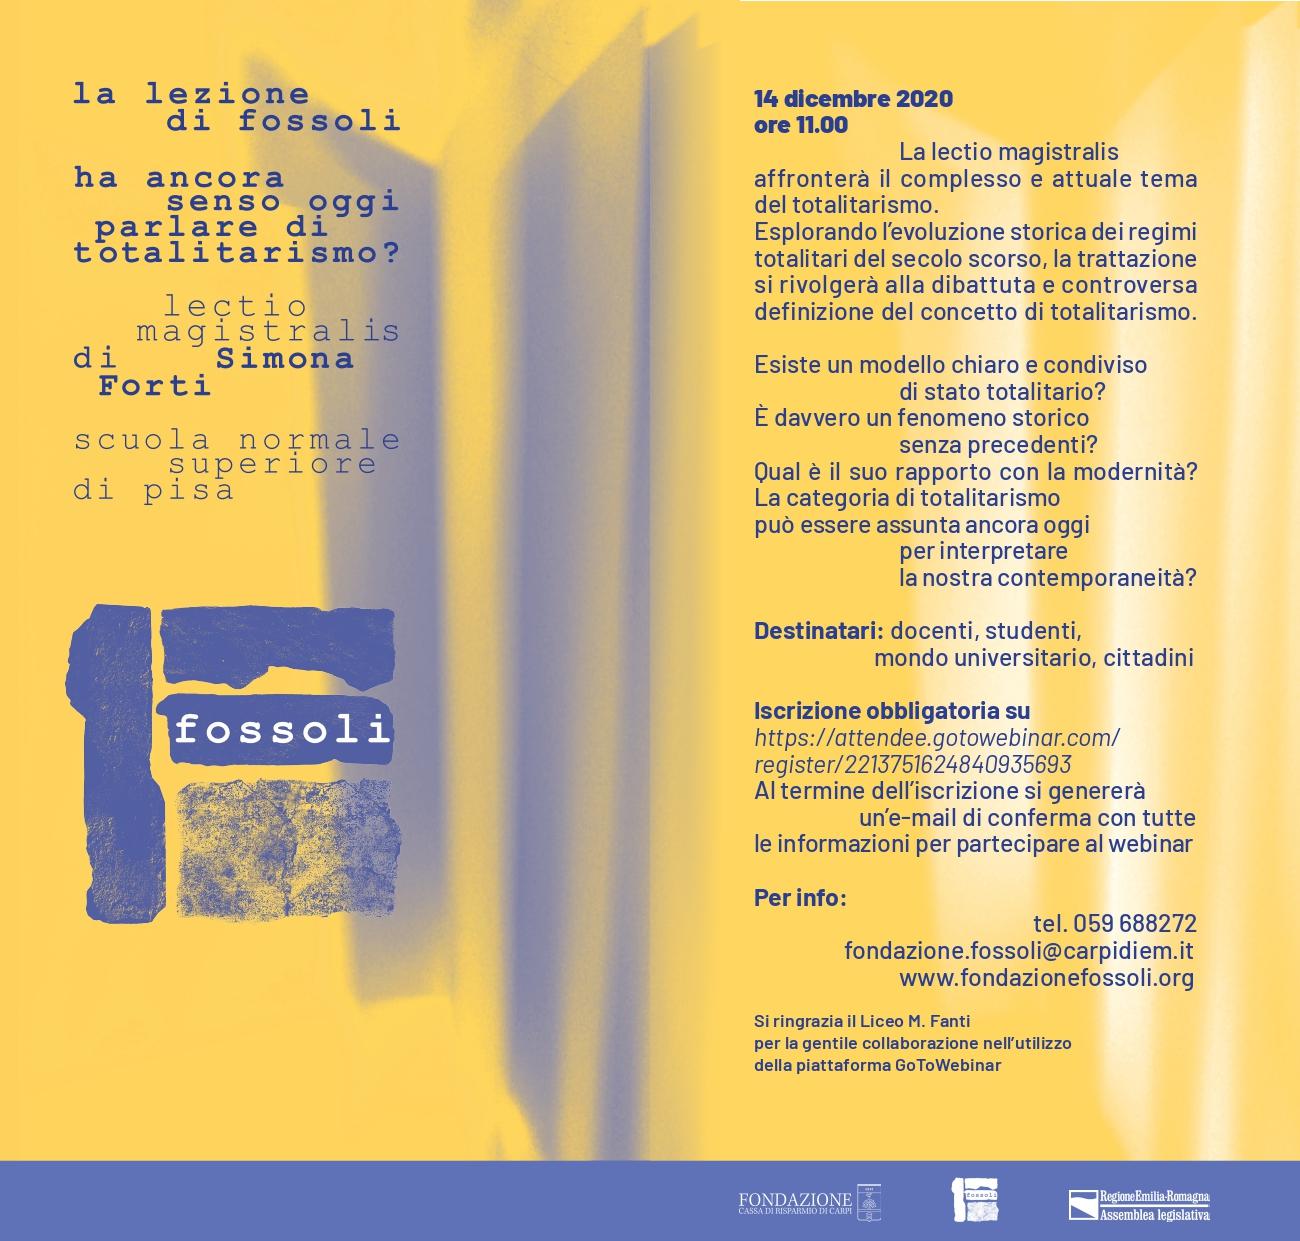 201202_lezione_di_fossoli_invito_web_doppia_pagina_page-0001